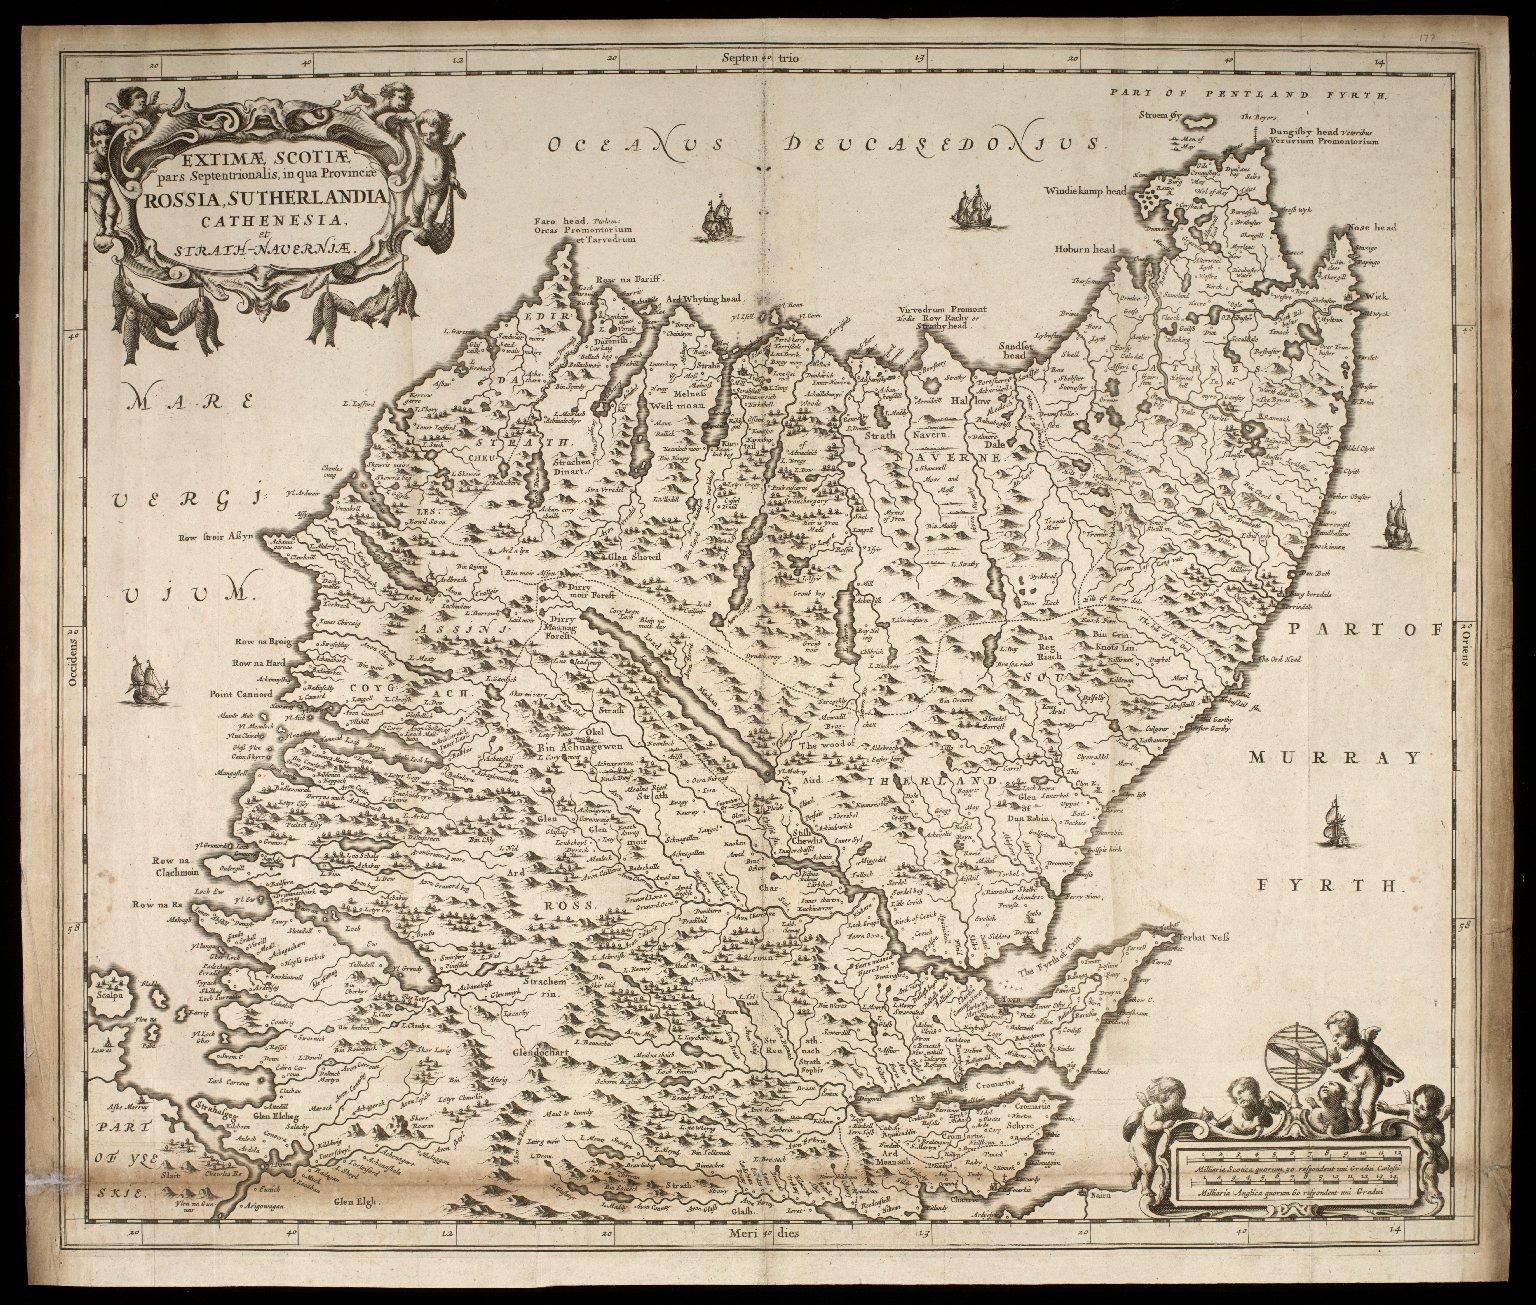 Extimae Scotiae pars Septentrionalis, in qua Provinicae Rossia, Sutherlandia, Cathenesia, et Strath-Naverniae. [1 of 1]